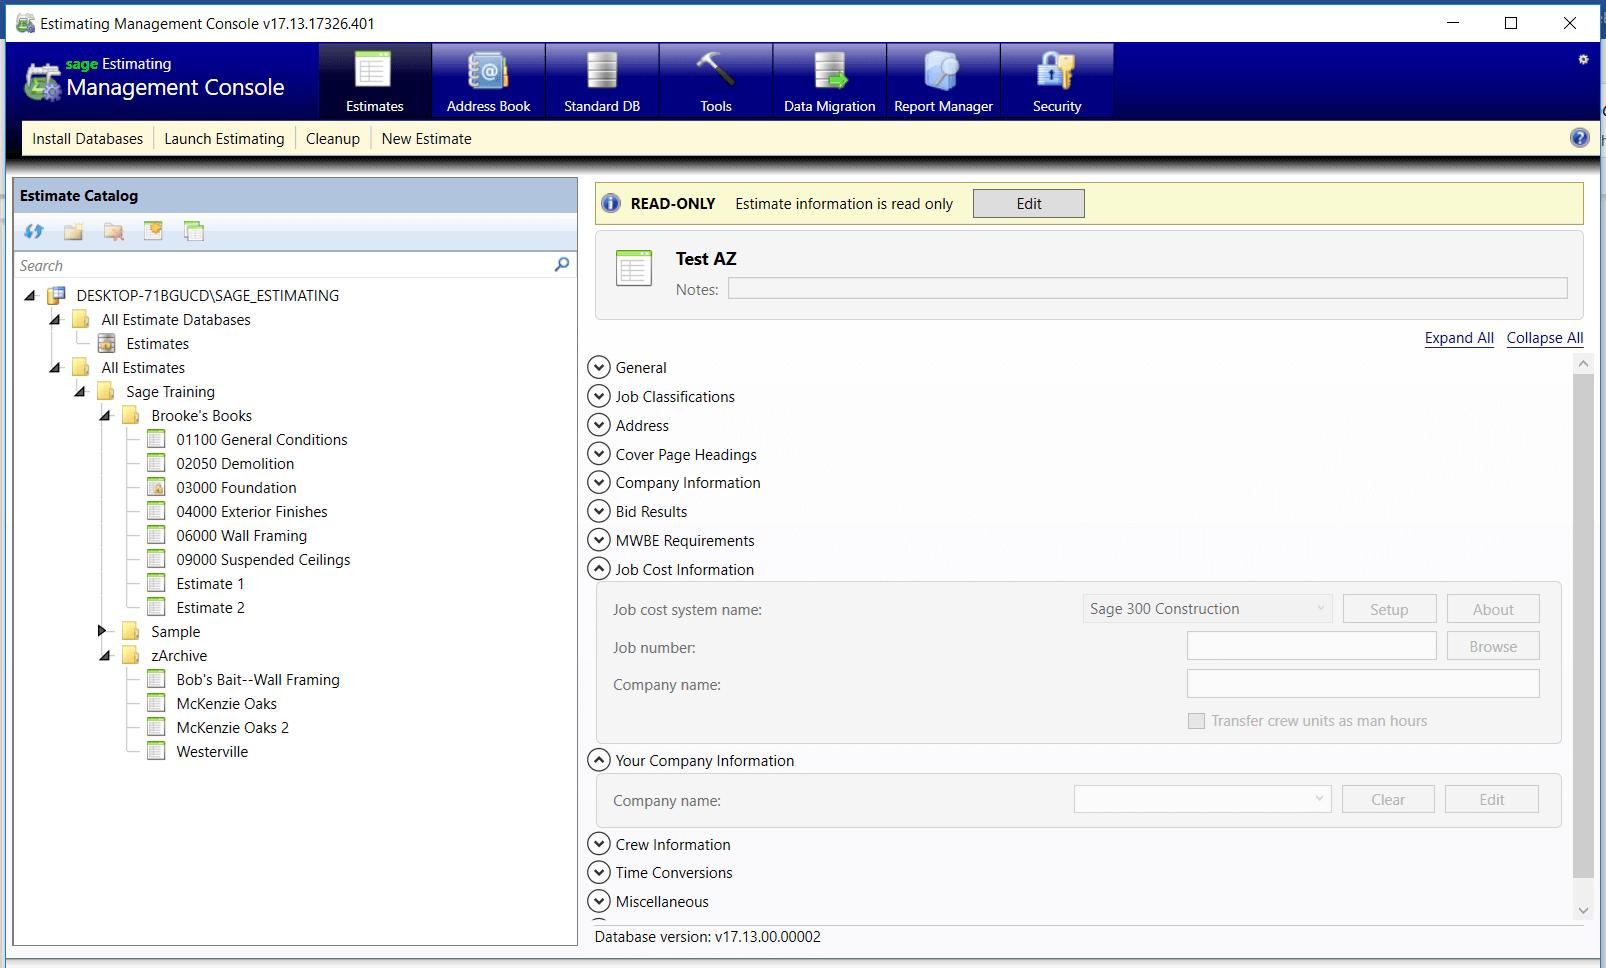 Sage Estimating Management Console